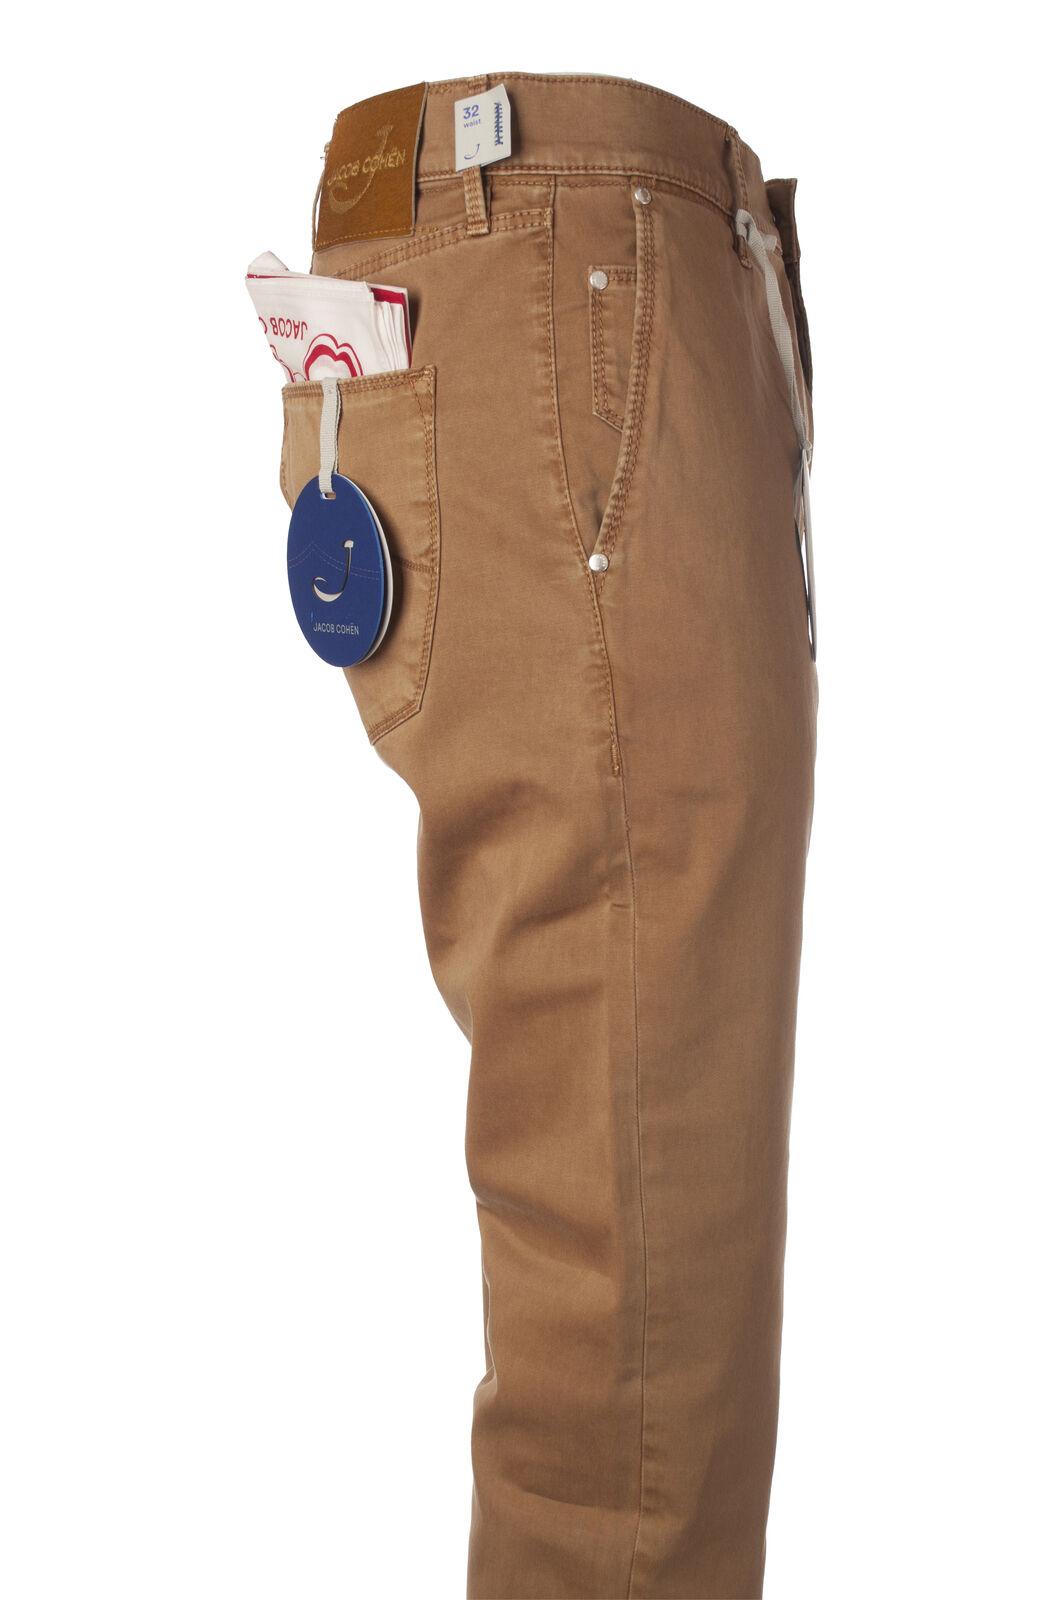 Jacob Cohen - Pants-Pants - Man - Beige - 5971312C191421